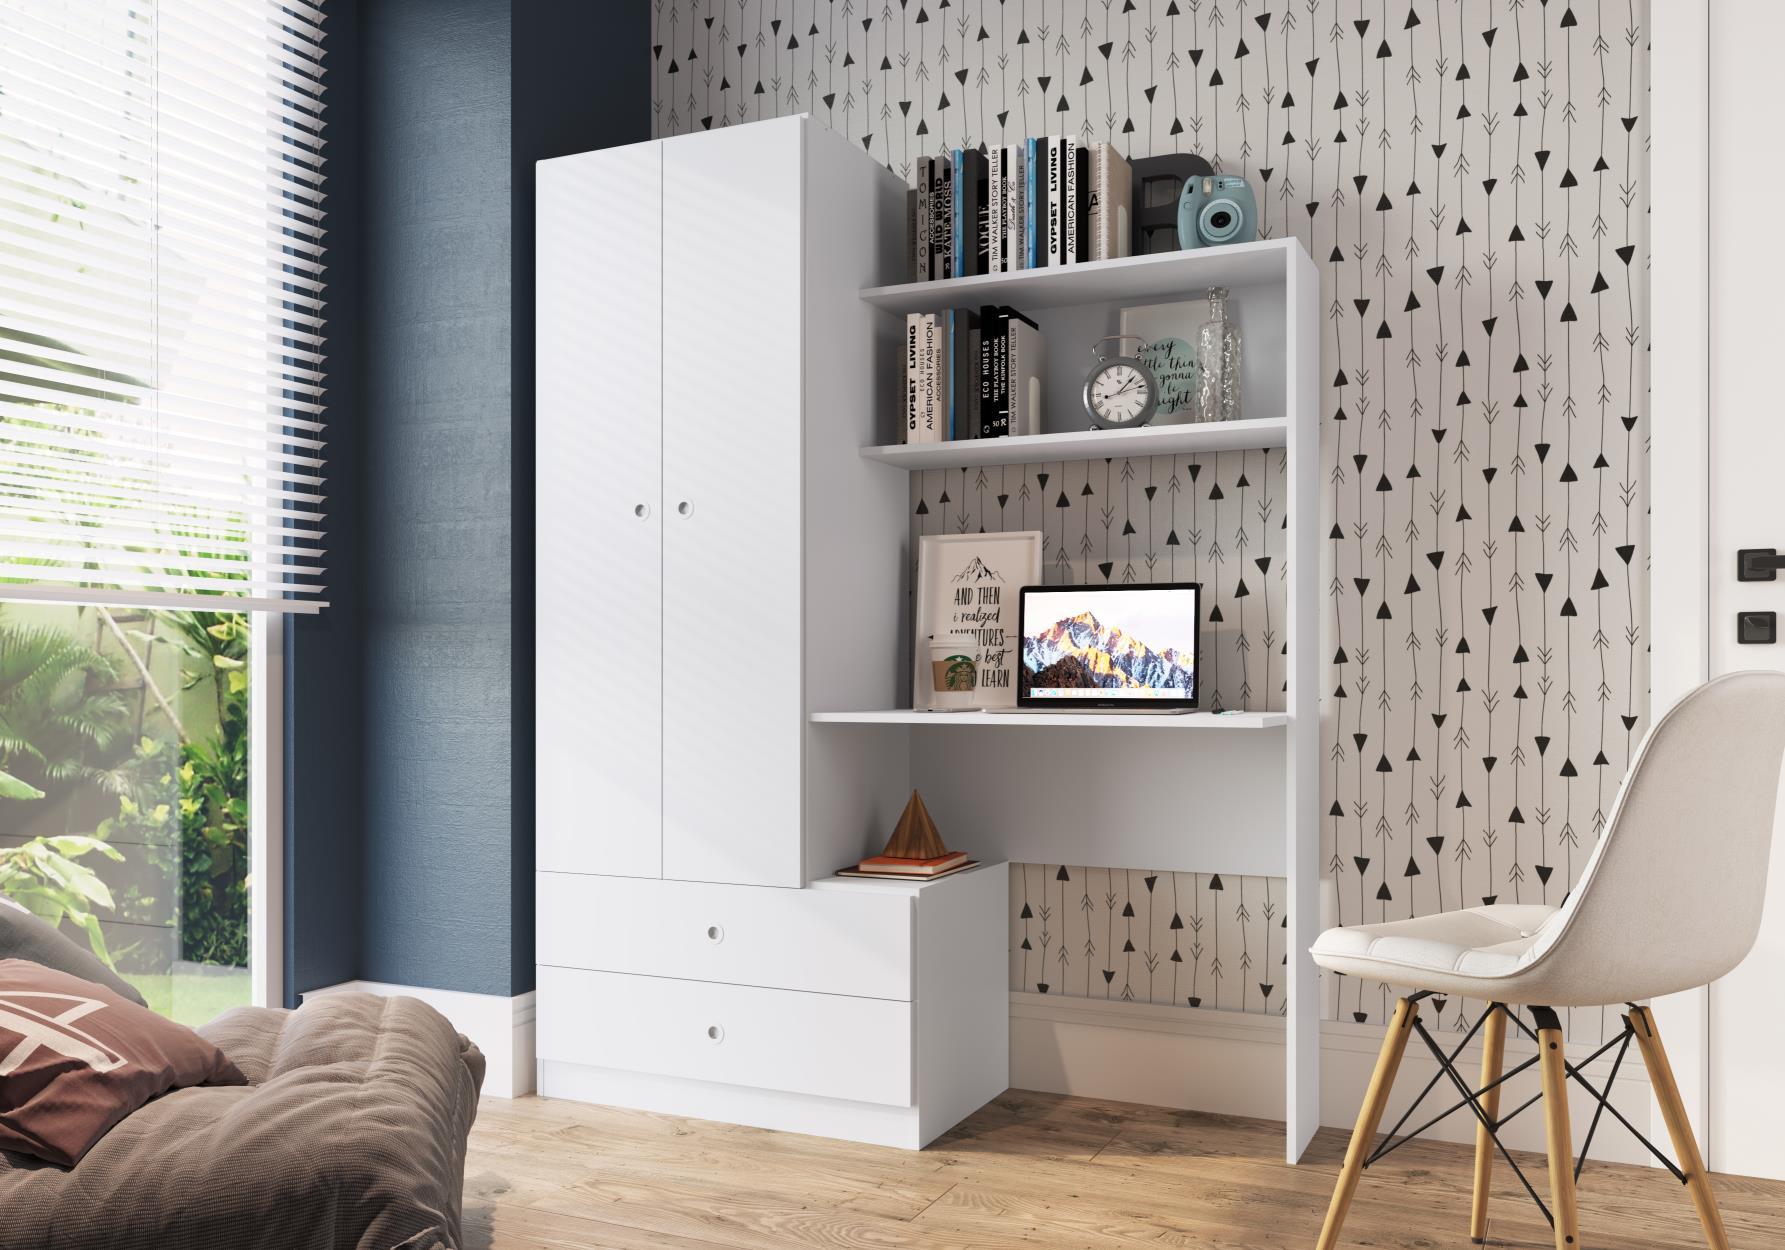 Quarto Compacto com Roupeiro e Estação de Trabalho Ilhéus Branco - Art In Móveis